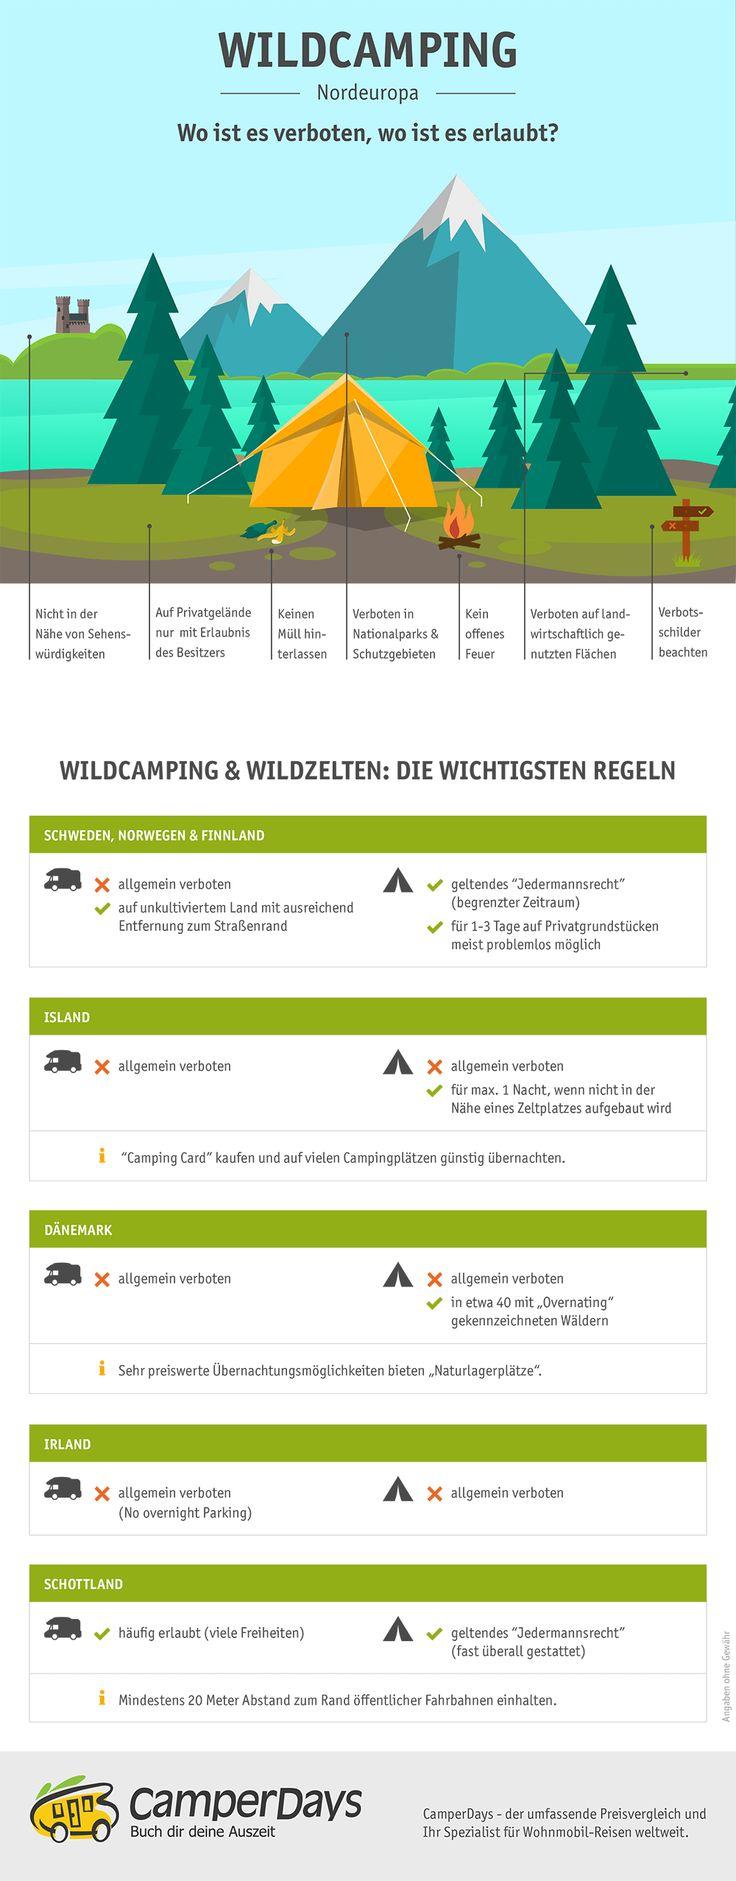 #Infografik zum #Wildcamping in Nordeuropa: Schweden, Finnland, Norwegen, Dänemark, Island und Großbritannien.